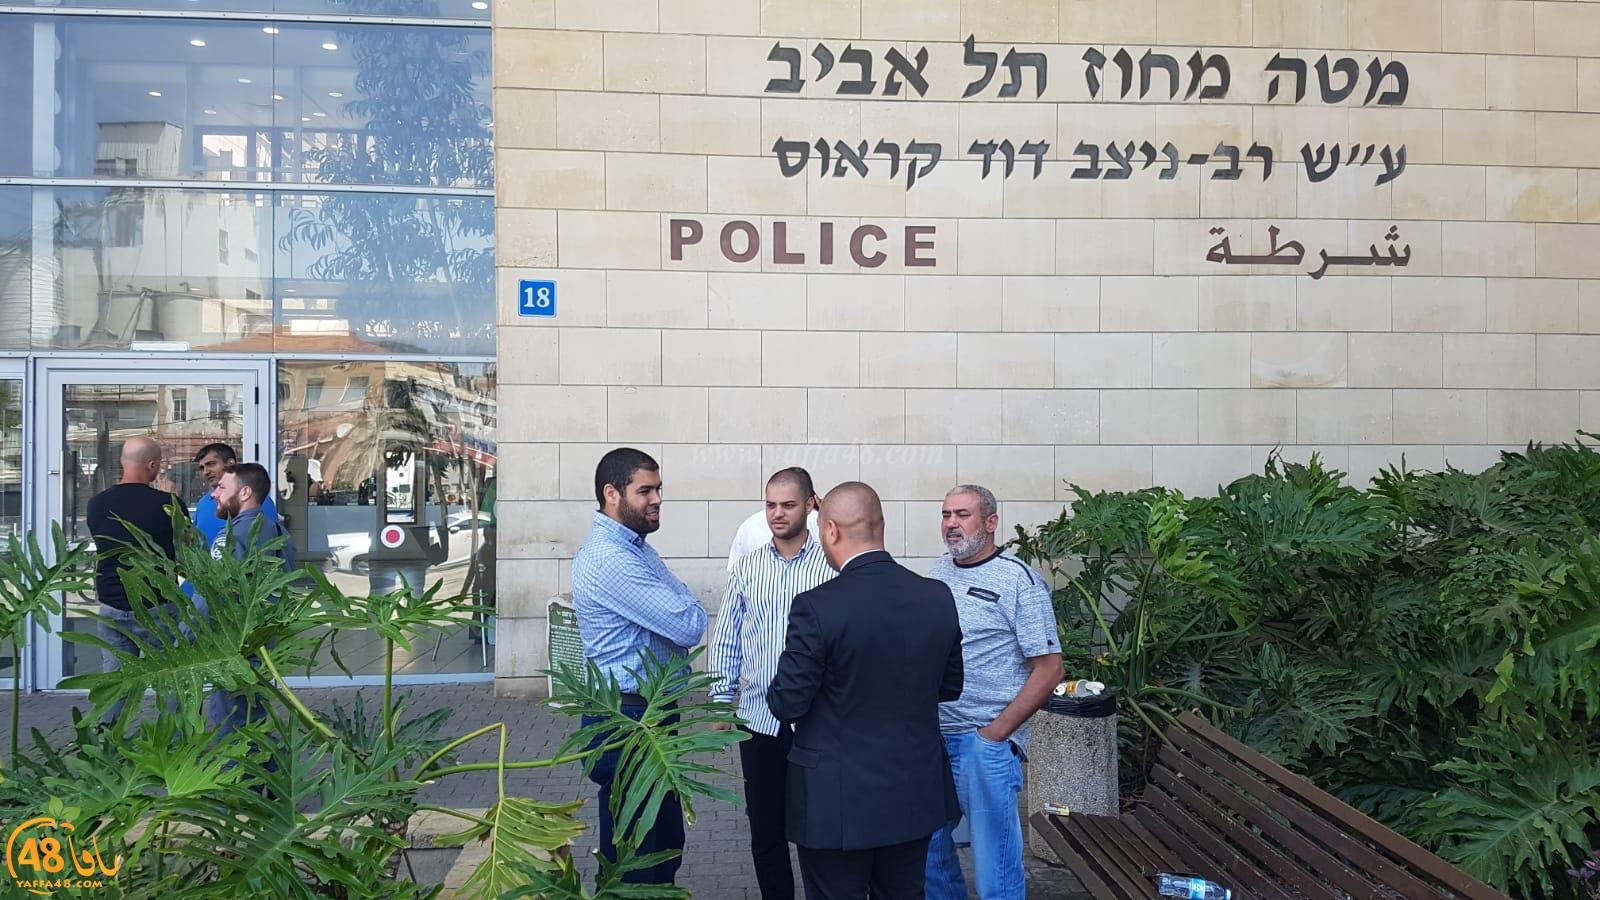 يافا: تشكيل طاقم من المحاميين للدفاع عن المعتقلين واعتقال السيد ابراهيم نجار